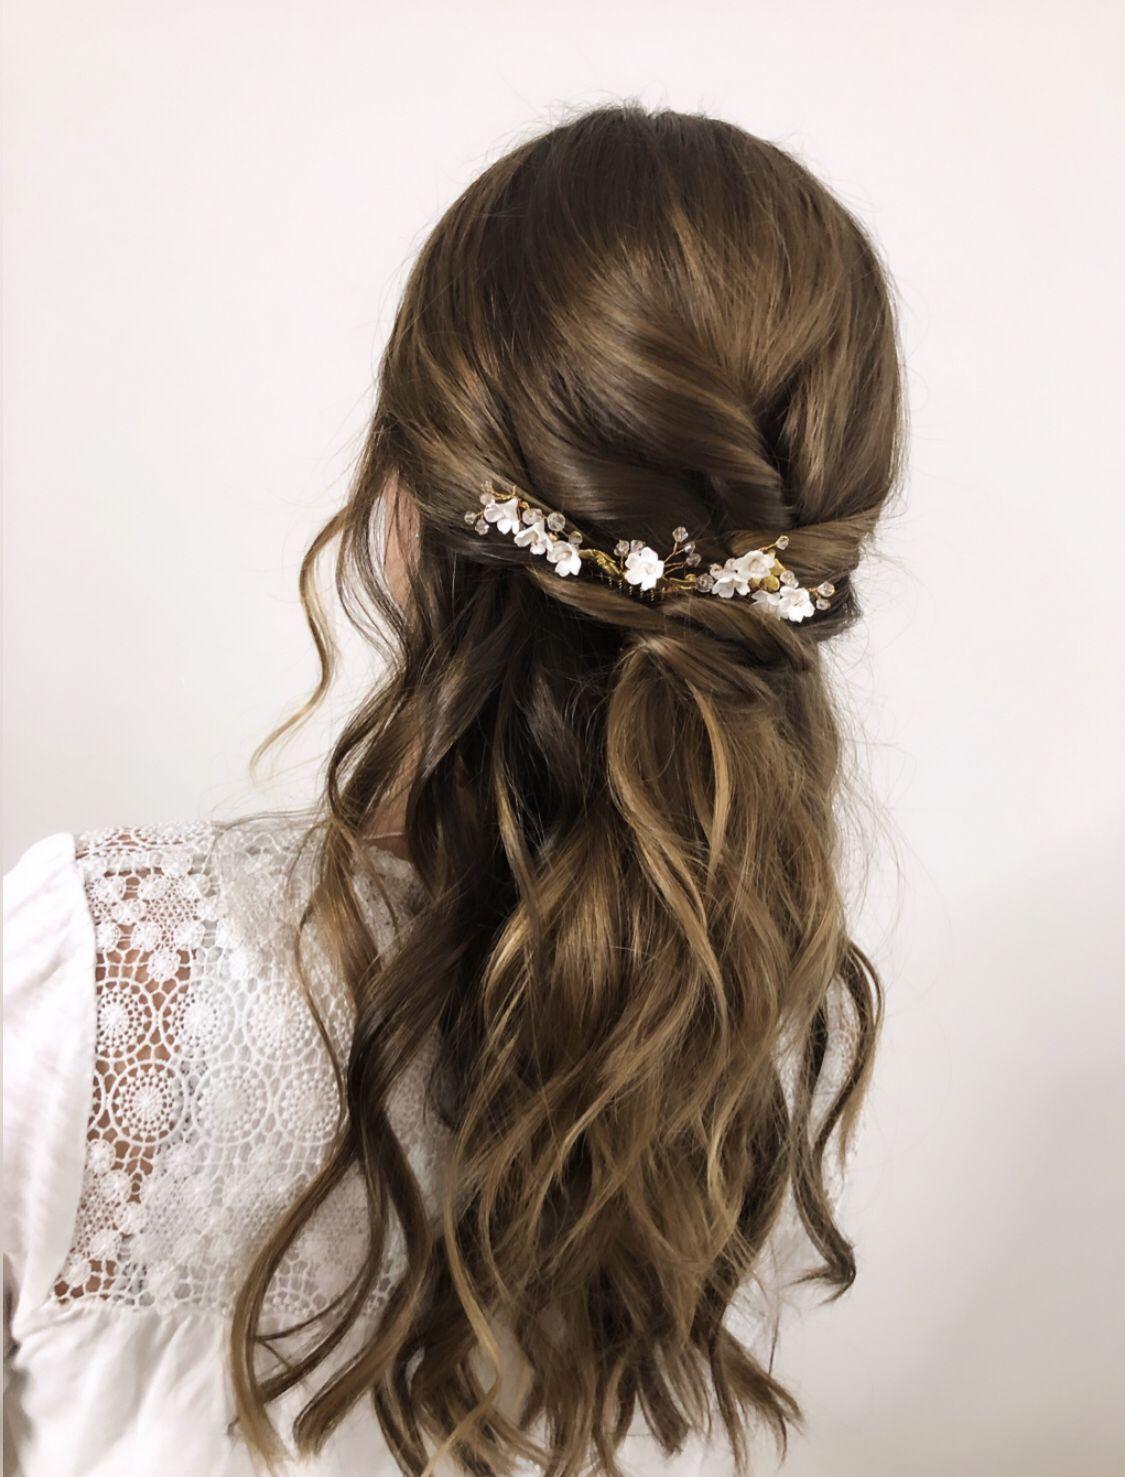 #Brauthaar #Hochzeitshaar #Hochzeitsfrisuren #Brautfrisur # halboffen – #brautfr… – Hairstyles Curly İdeas..